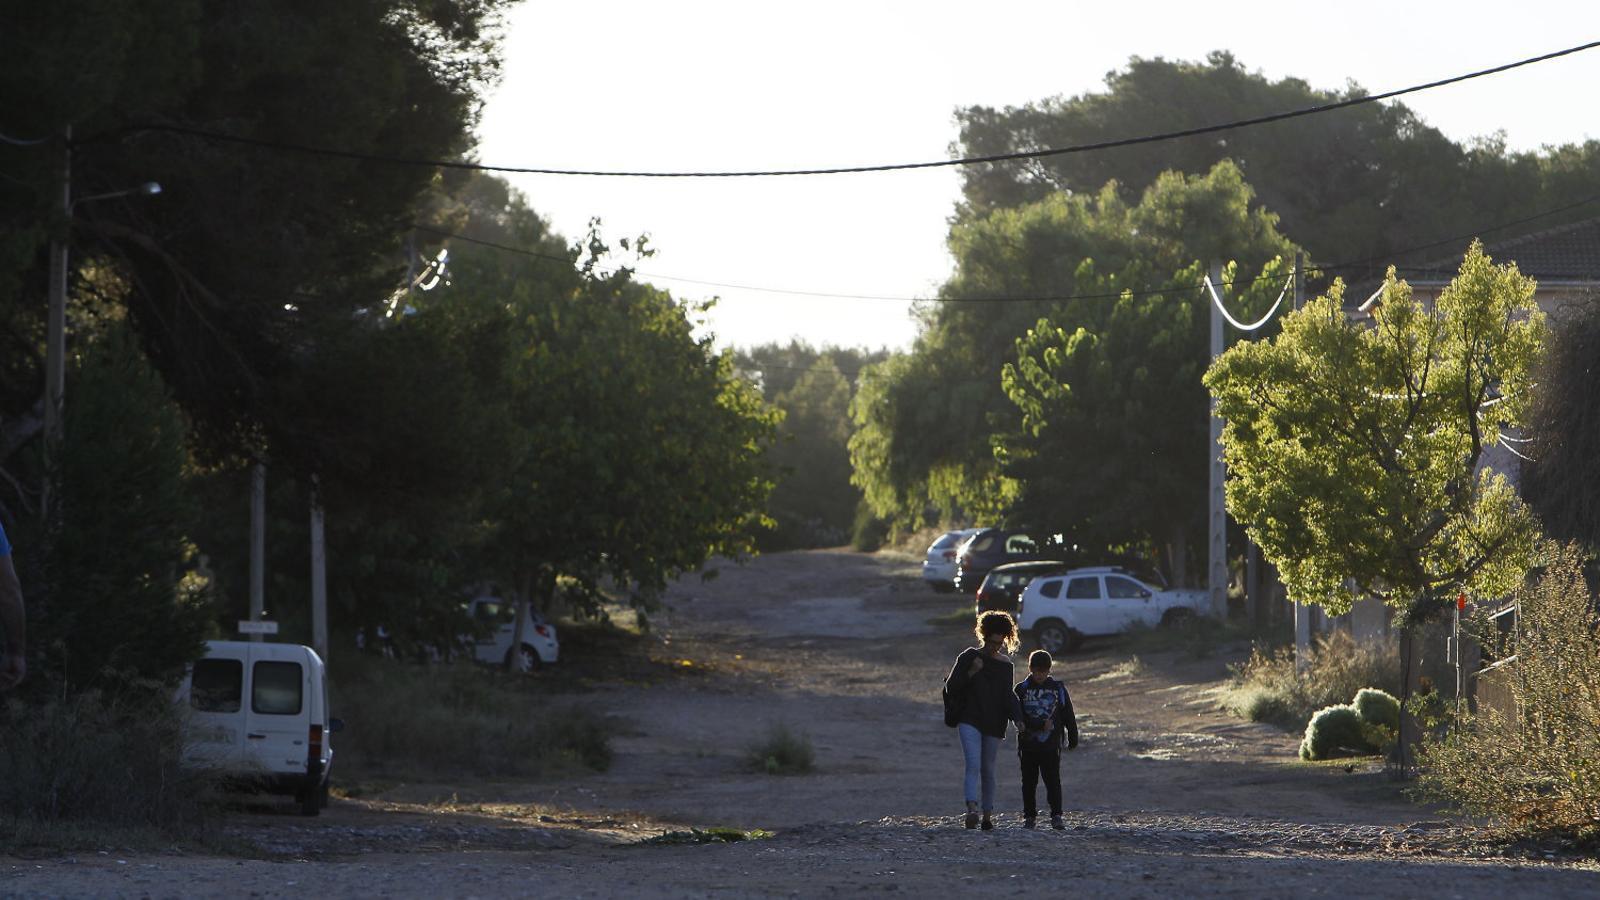 URBANITZACIONS  01. Bellavista. 02. L'Olivaret. 03. El Secar de Son Sardina. 04. Son Verí de Baix.